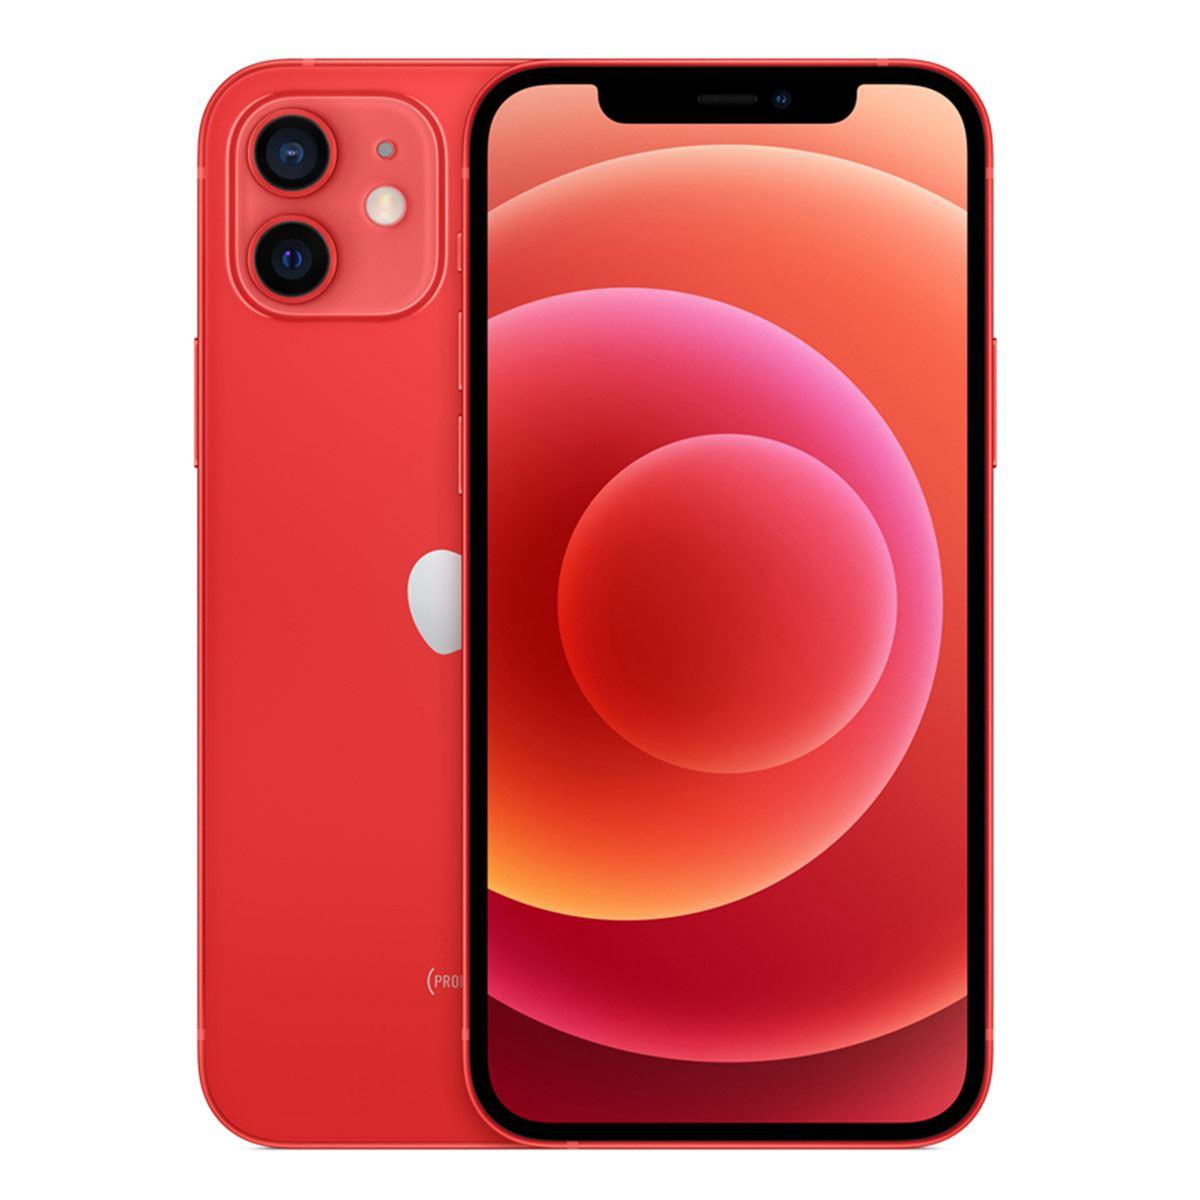 Amigo iPhone 12 64GB Rojo R4